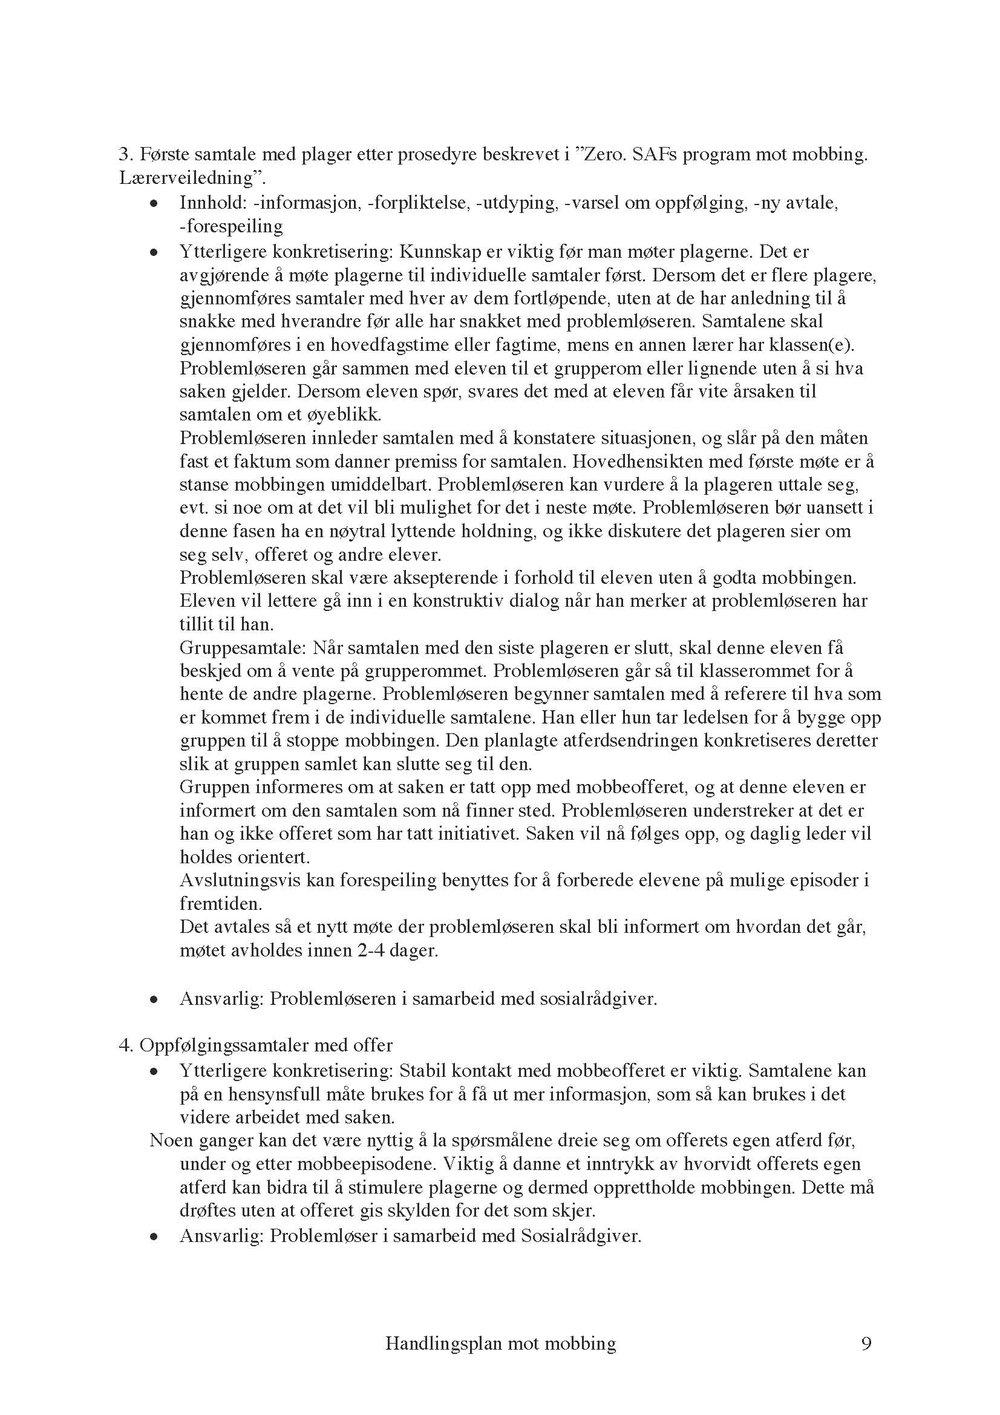 Handlingsplan mot mobbing _Page_09.jpg